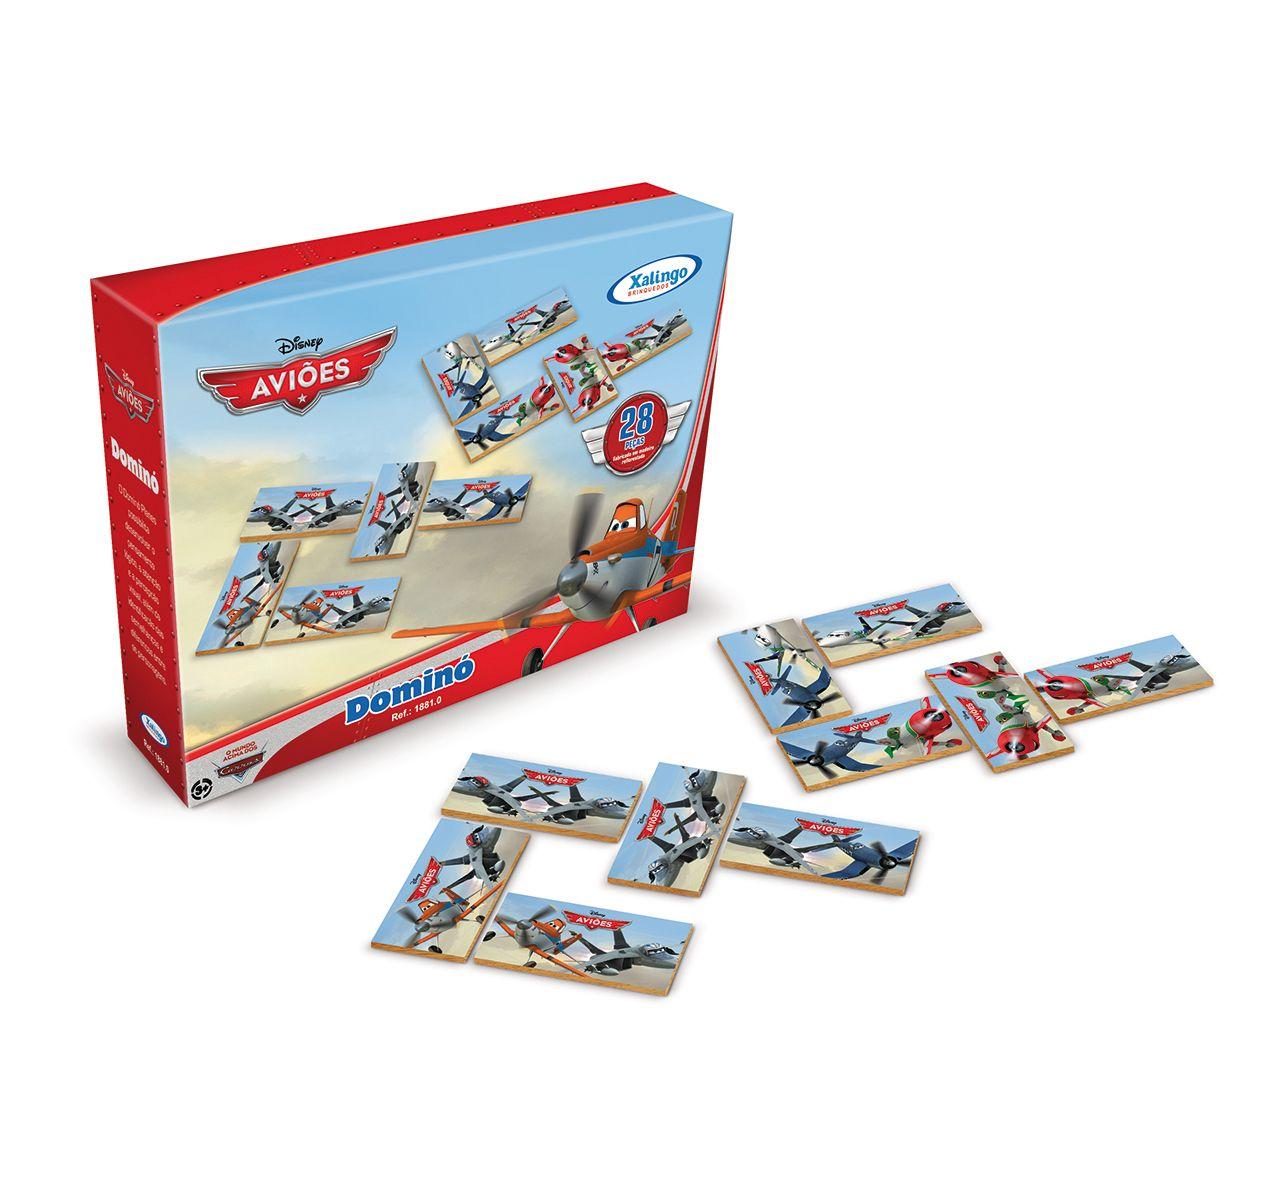 1881.0 - Dominó Aviões Disney | Com 28 peças em madeira reflorestada. | Faixa etária: + 3 anos | Medidas: 20,5 x 5 x 15,5 cm | Licenciados | Xalingo Brinquedos | Crianças